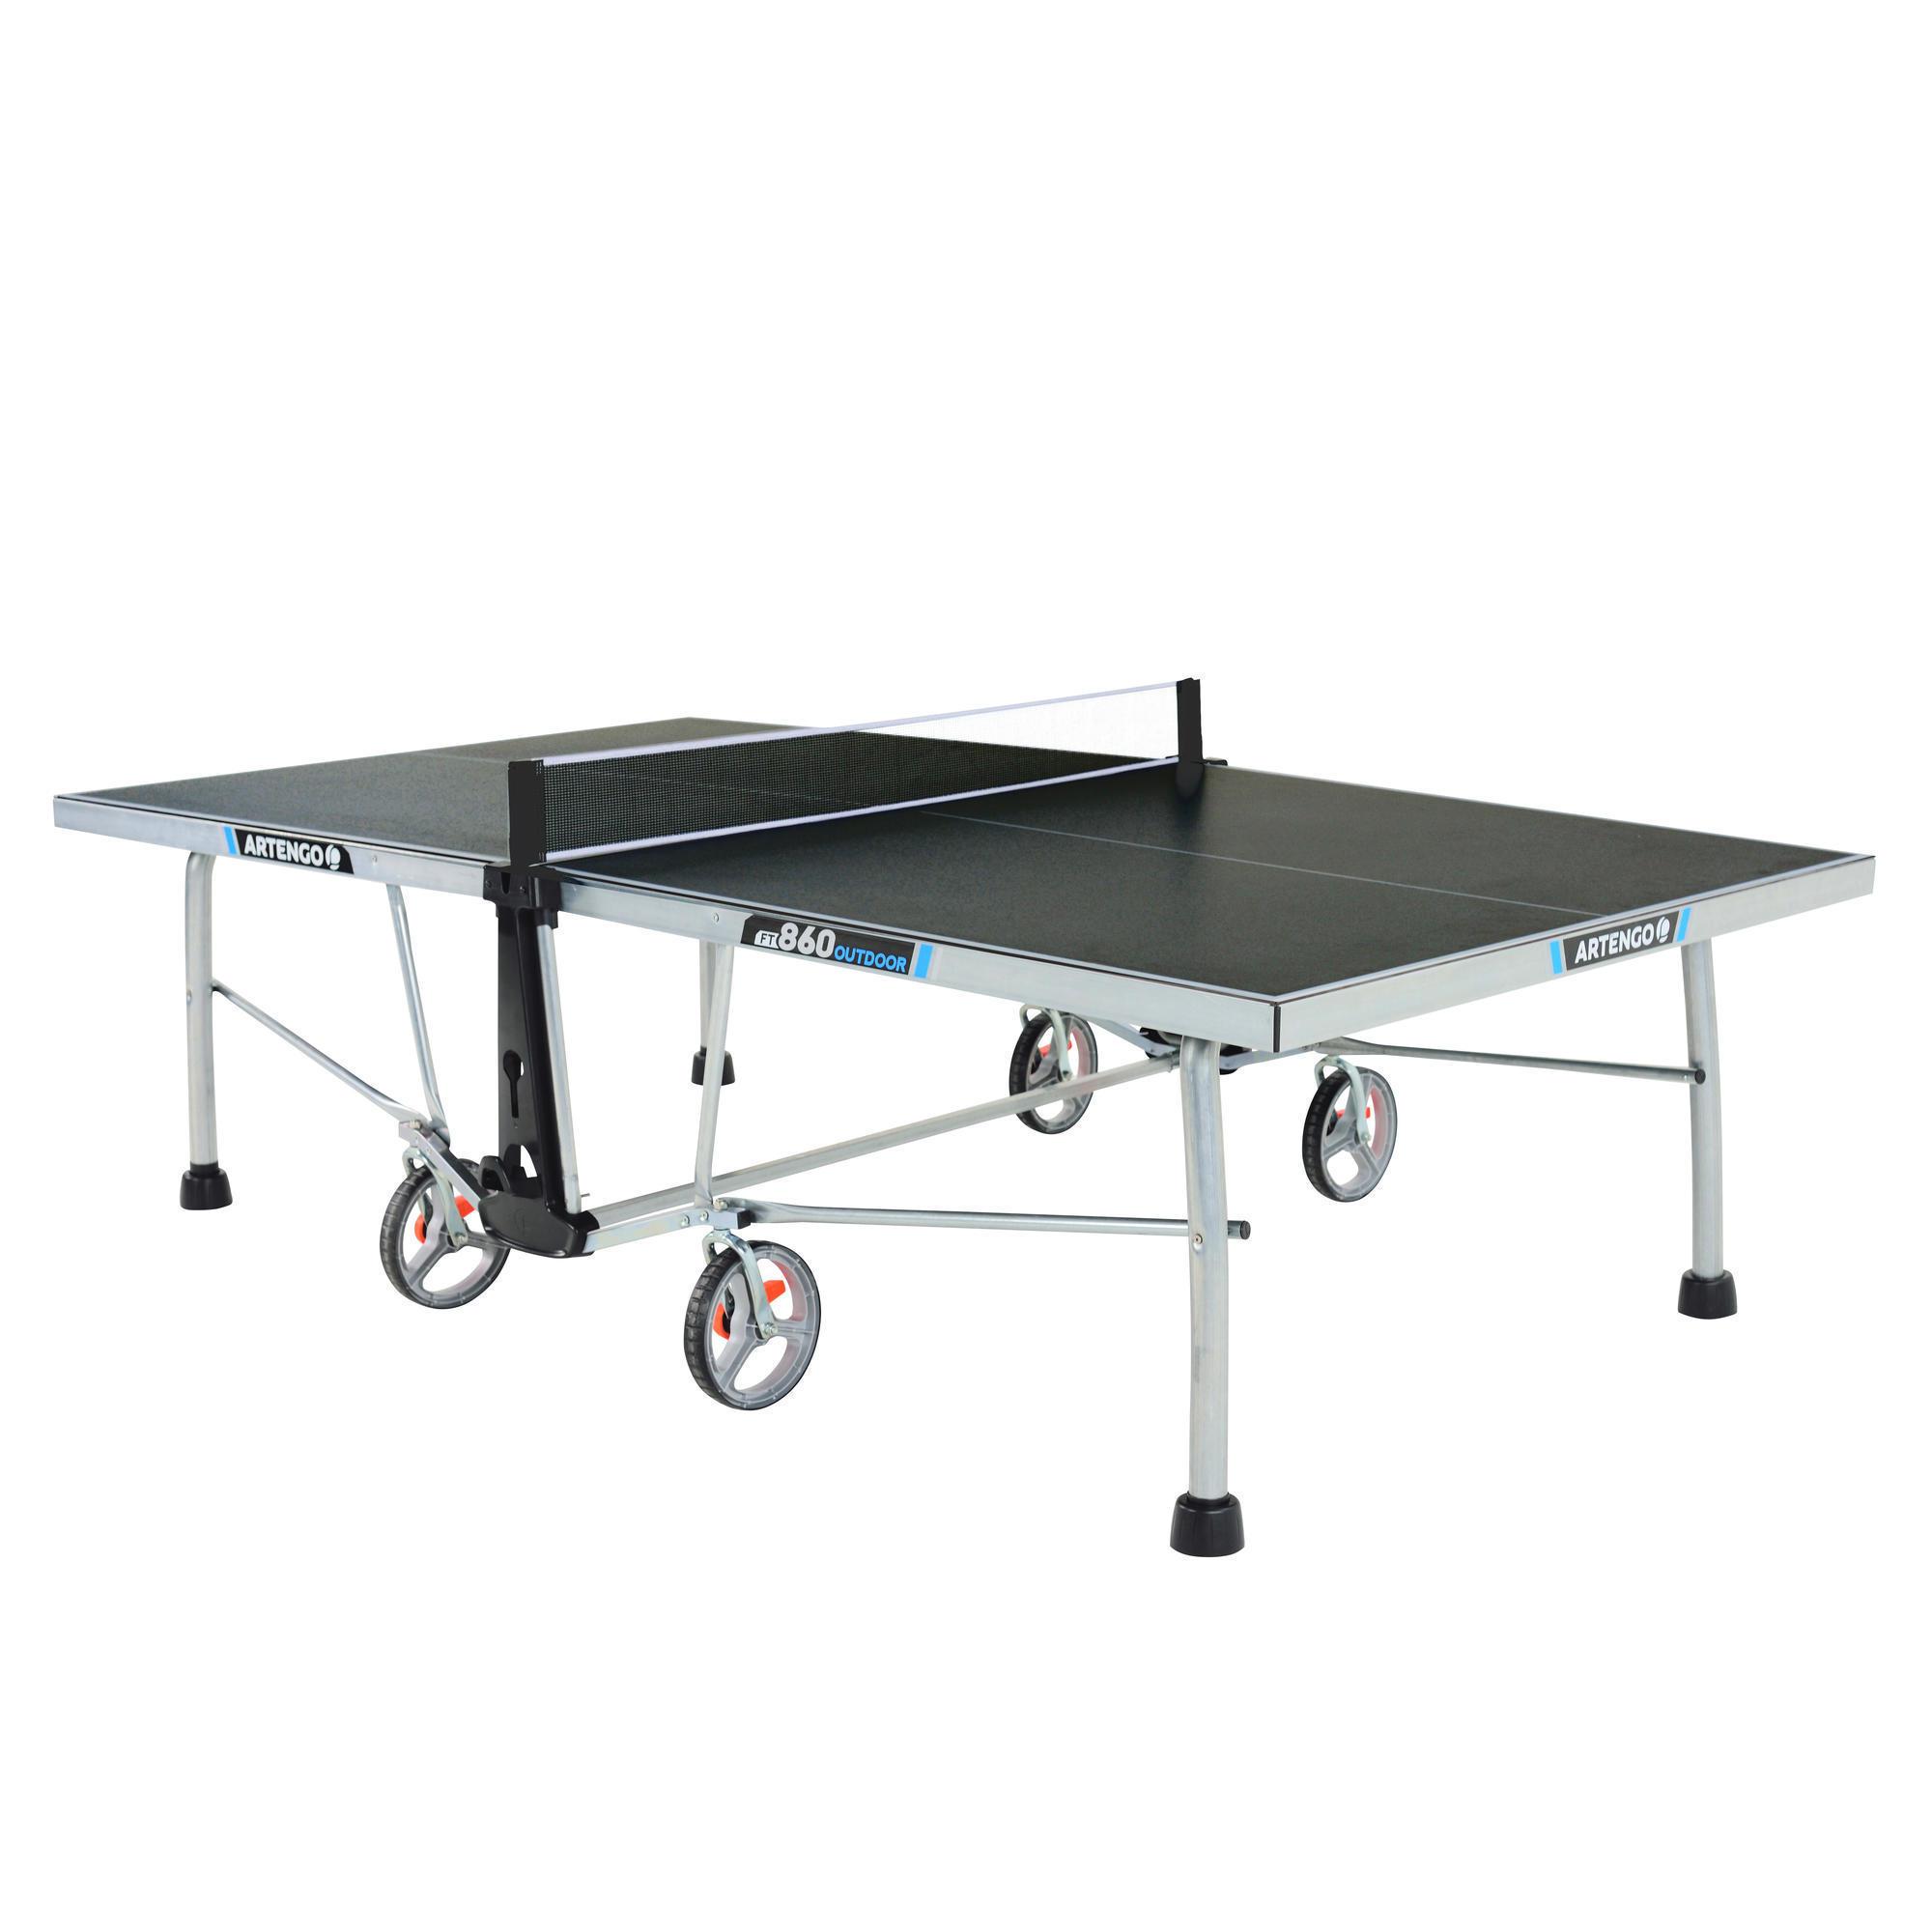 Table de tennis de table ft860 outdoor artengo - Table de ping pong exterieur decathlon ...